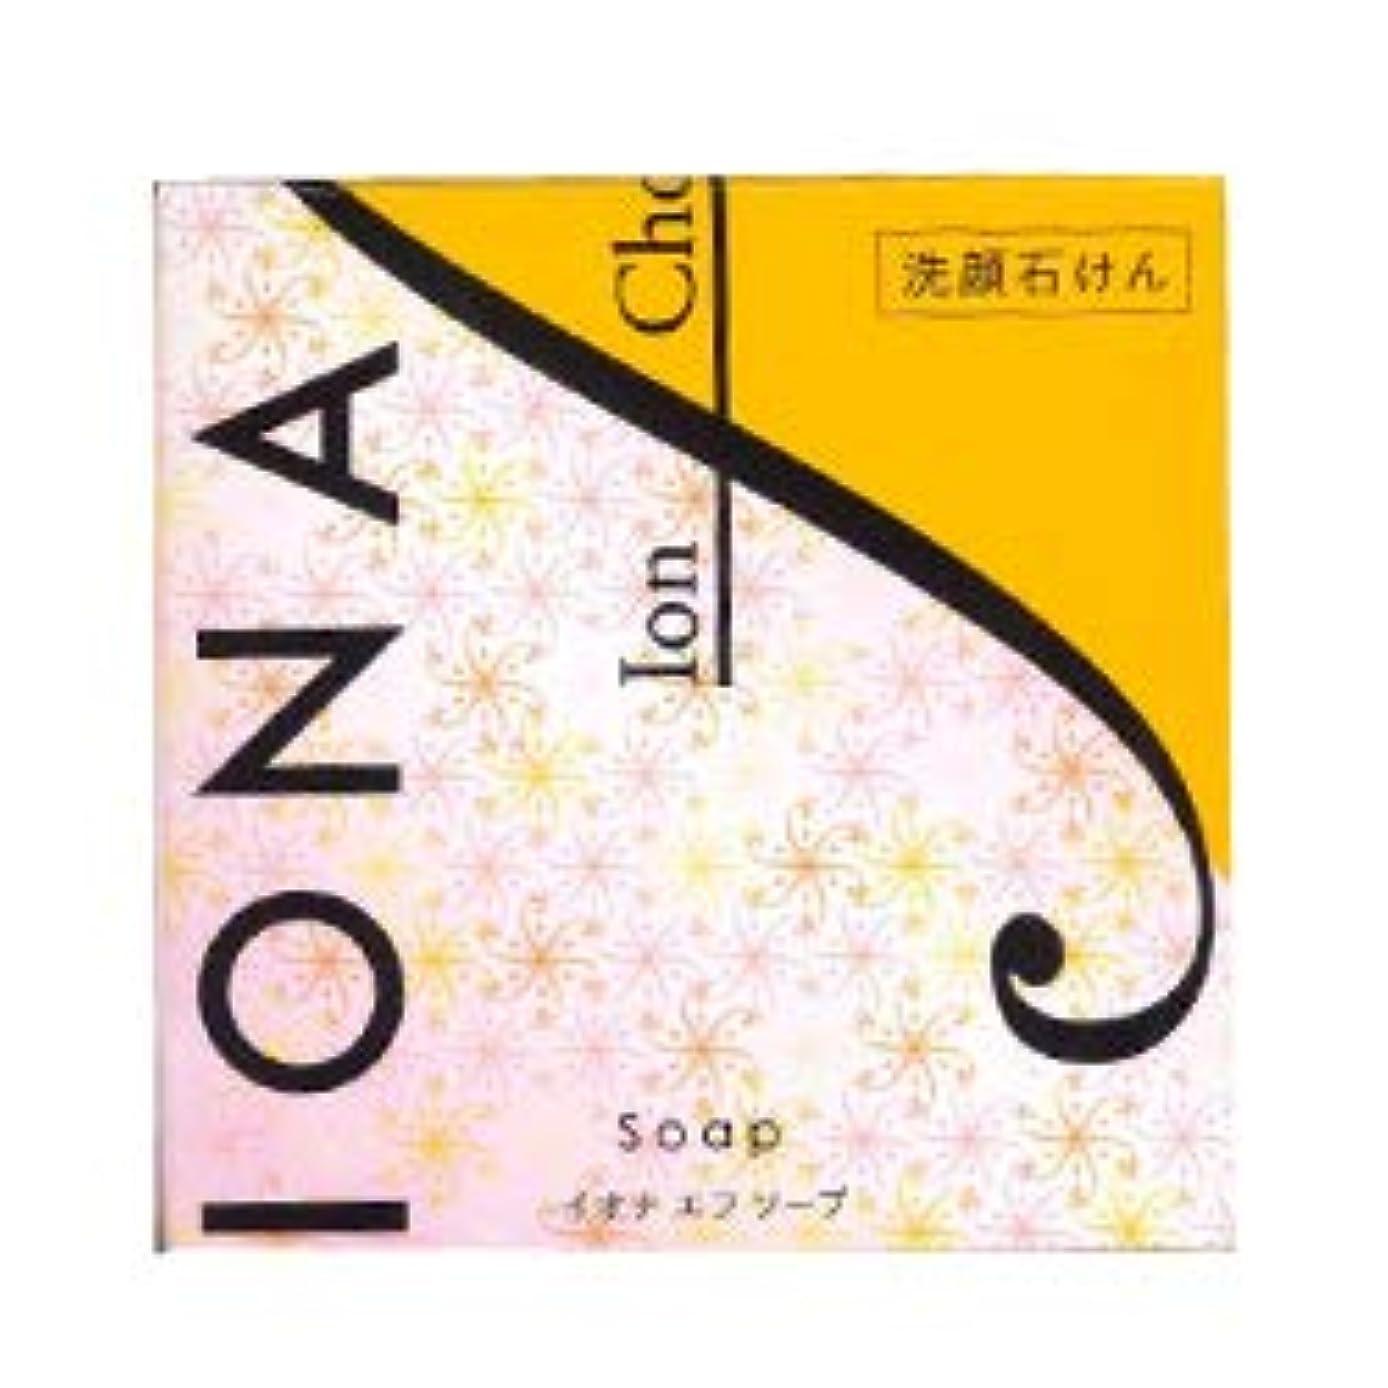 悲しい新しさ放出【イオナ】イオナ エフ ソープ 90g